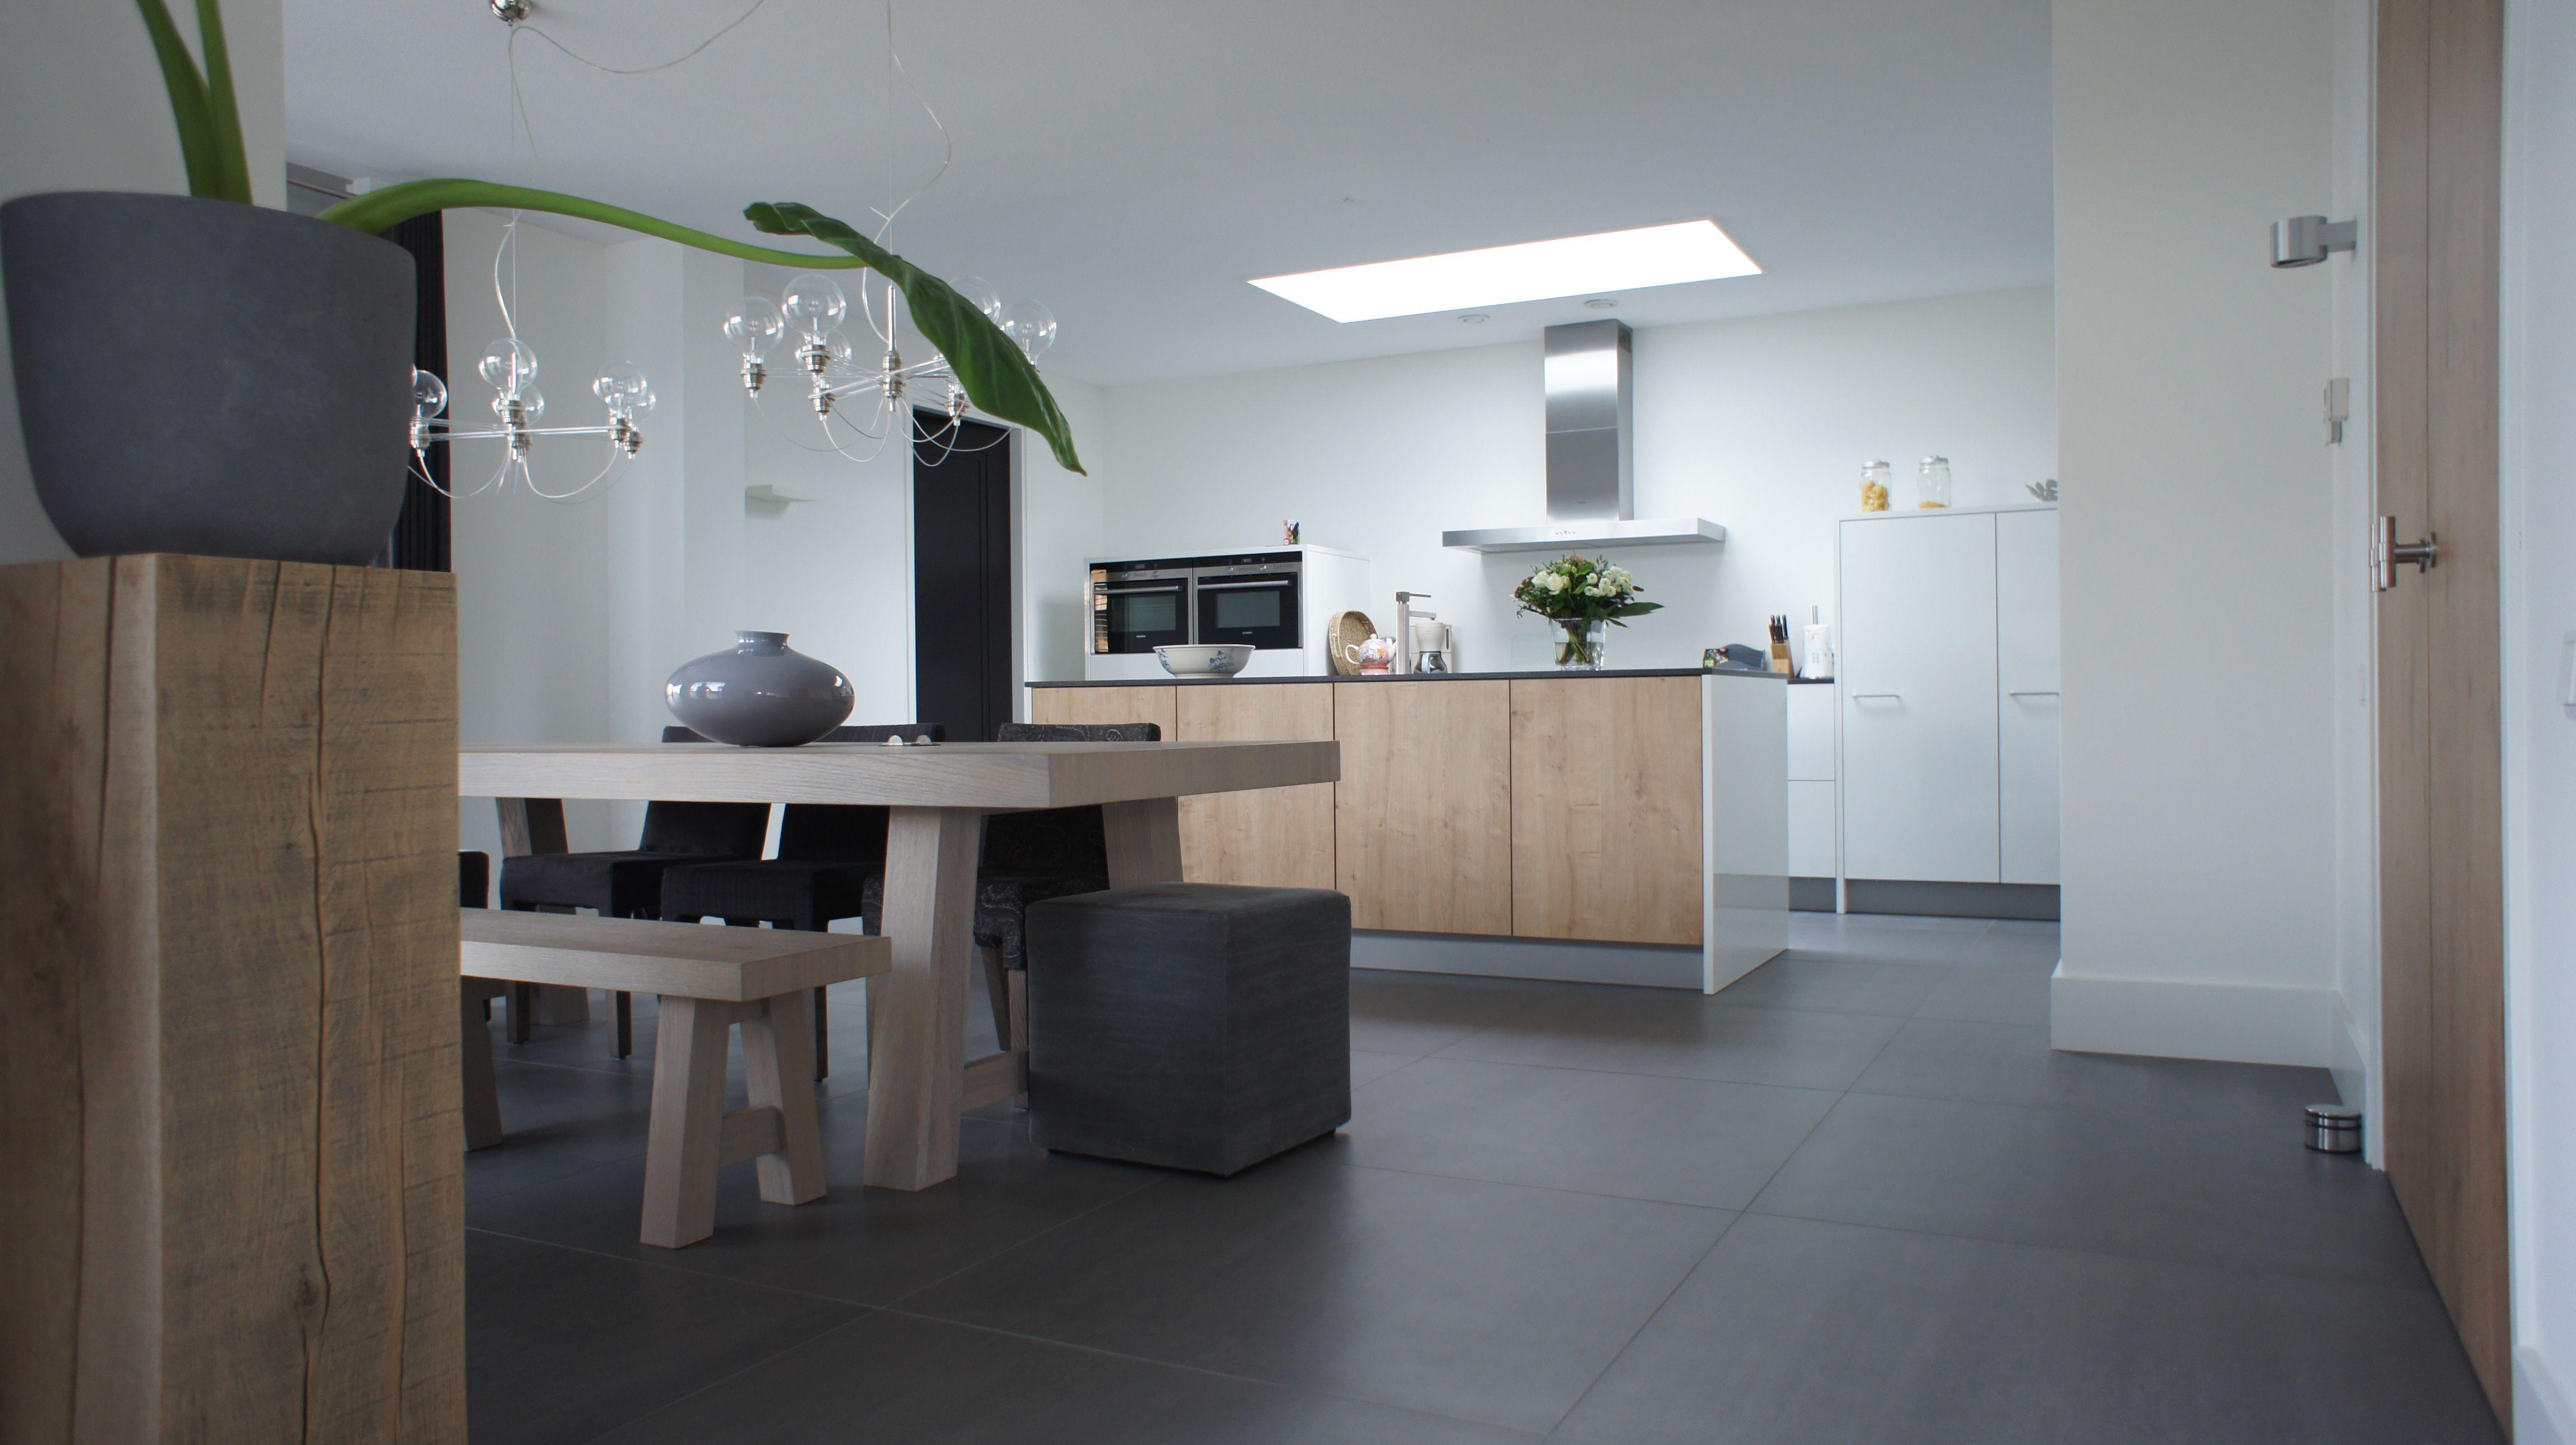 Tegelvloer betonlook antraciet 100 x 100 cm keuken totaal project tegelvloer betonlook - Idee deco keuken ...